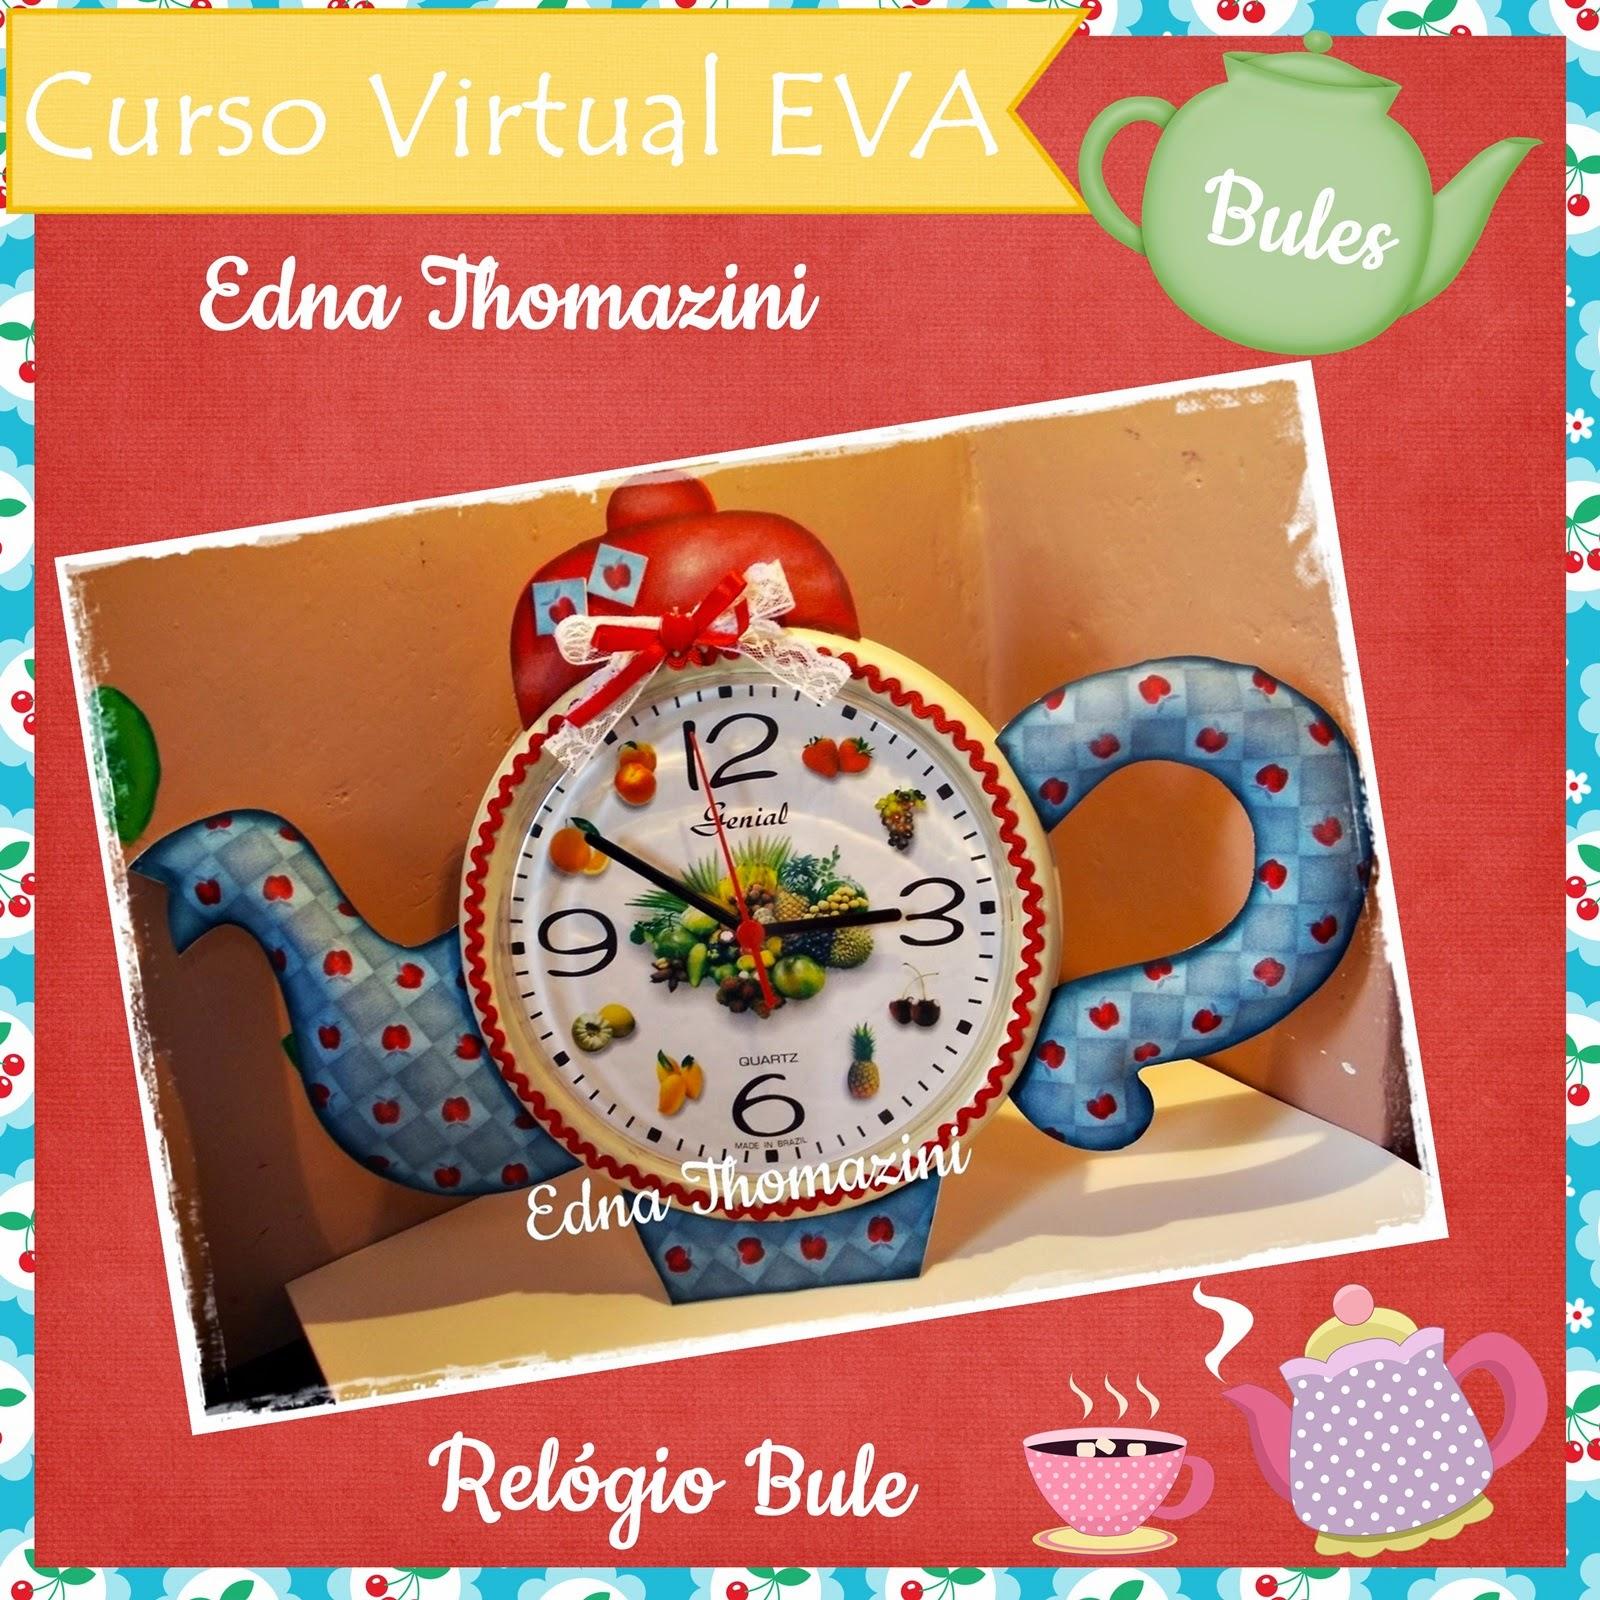 Edna Thomazini ~ Curso Virtual EVA Dia das M u00e3es Edna Thomazini Ateli u00ea